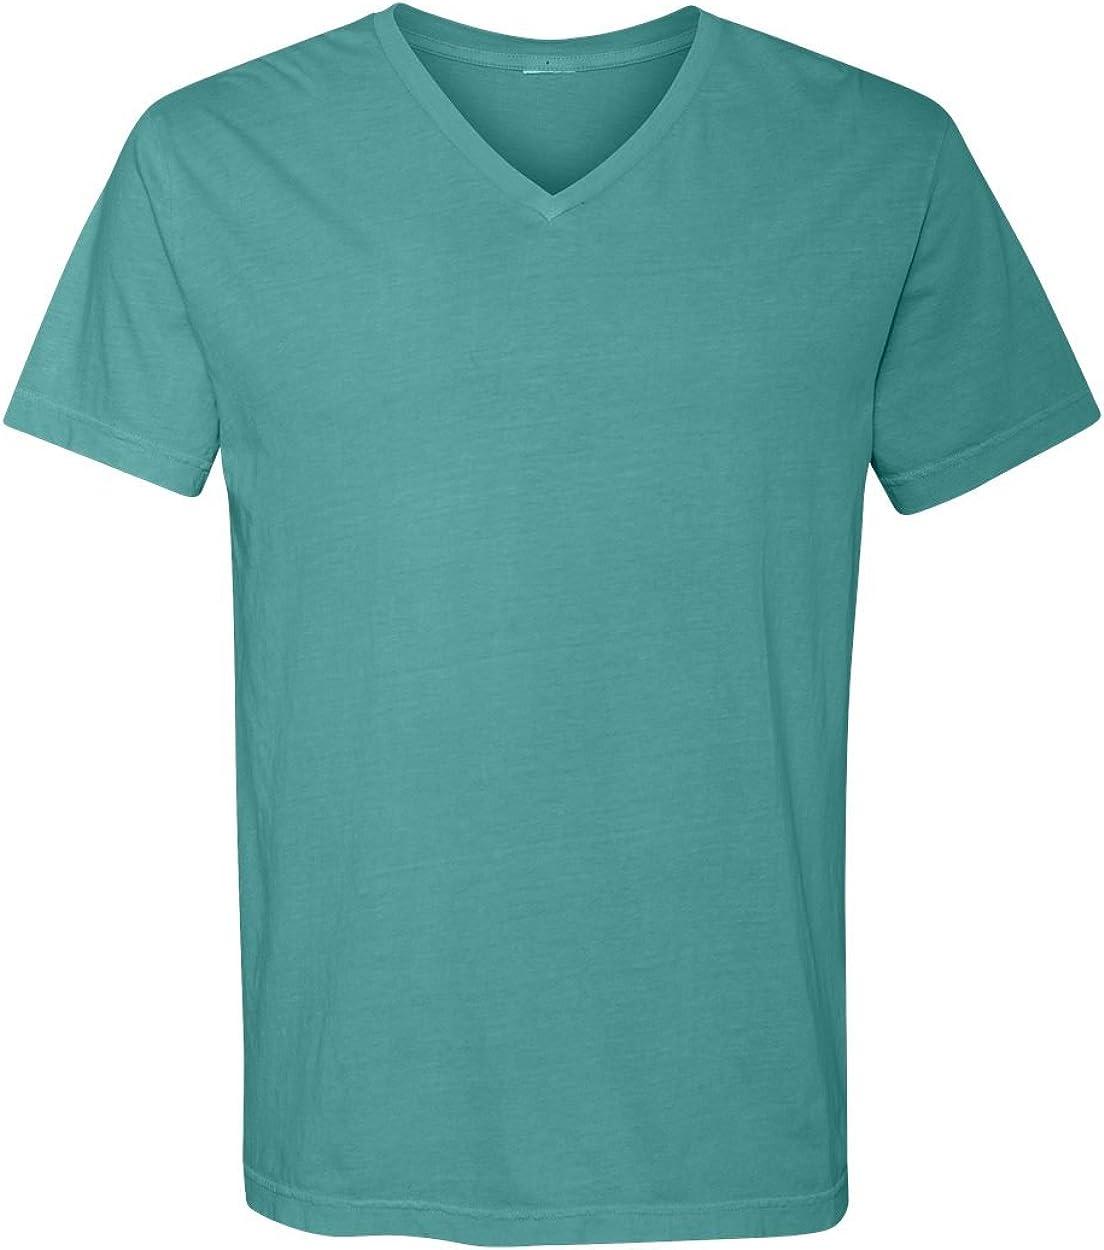 Comfort Colors 5.5 oz. V-Neck T-Shirt